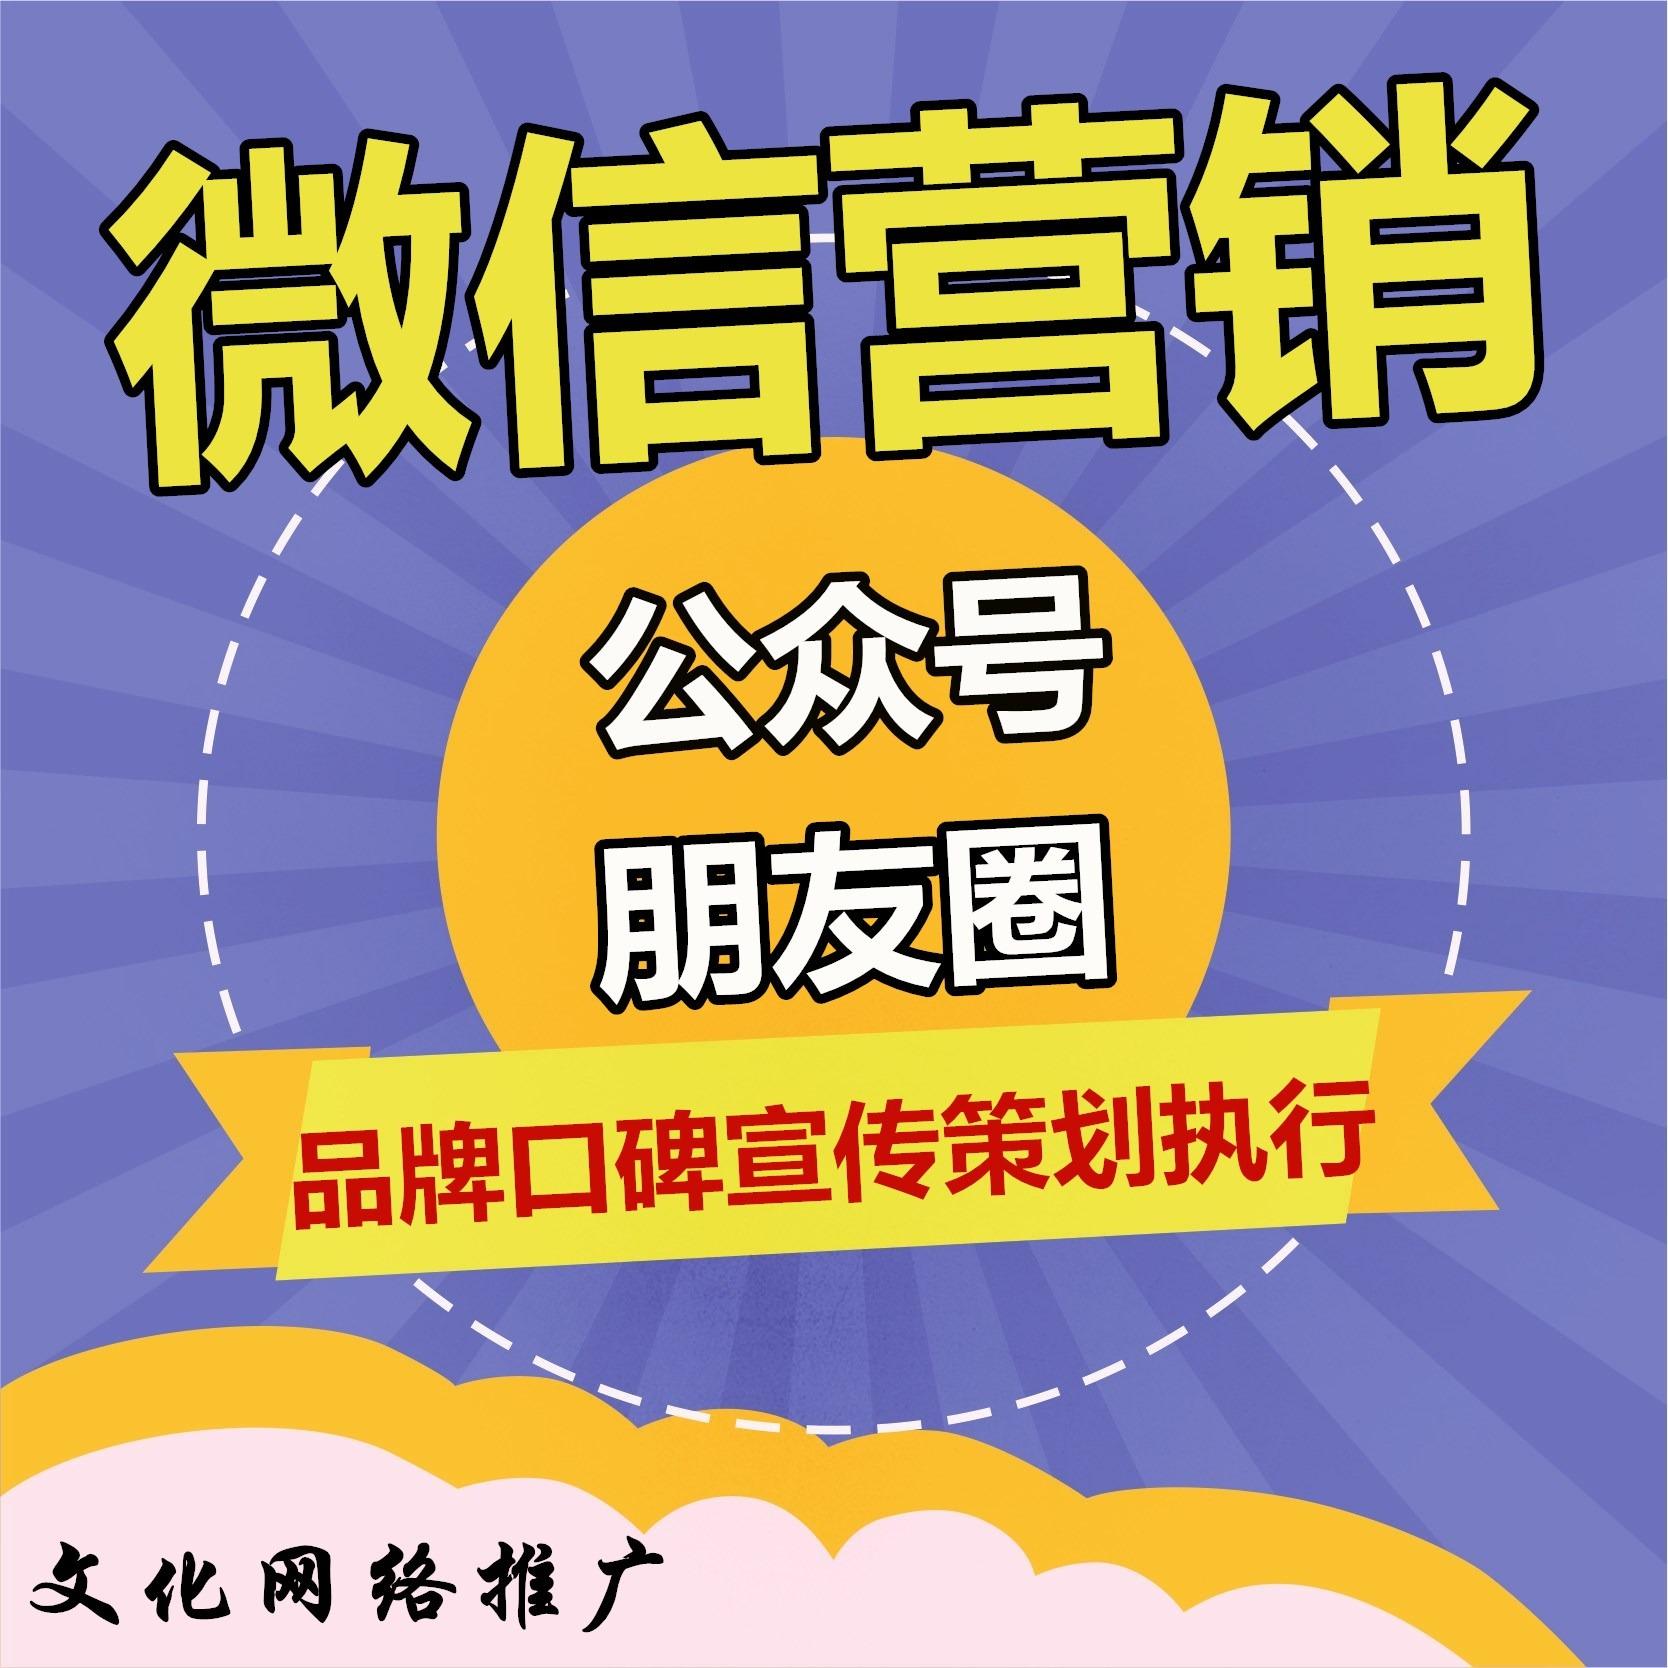 微信公众号大号 广告自媒体微博大号朋友圈直发广告分享活动策划